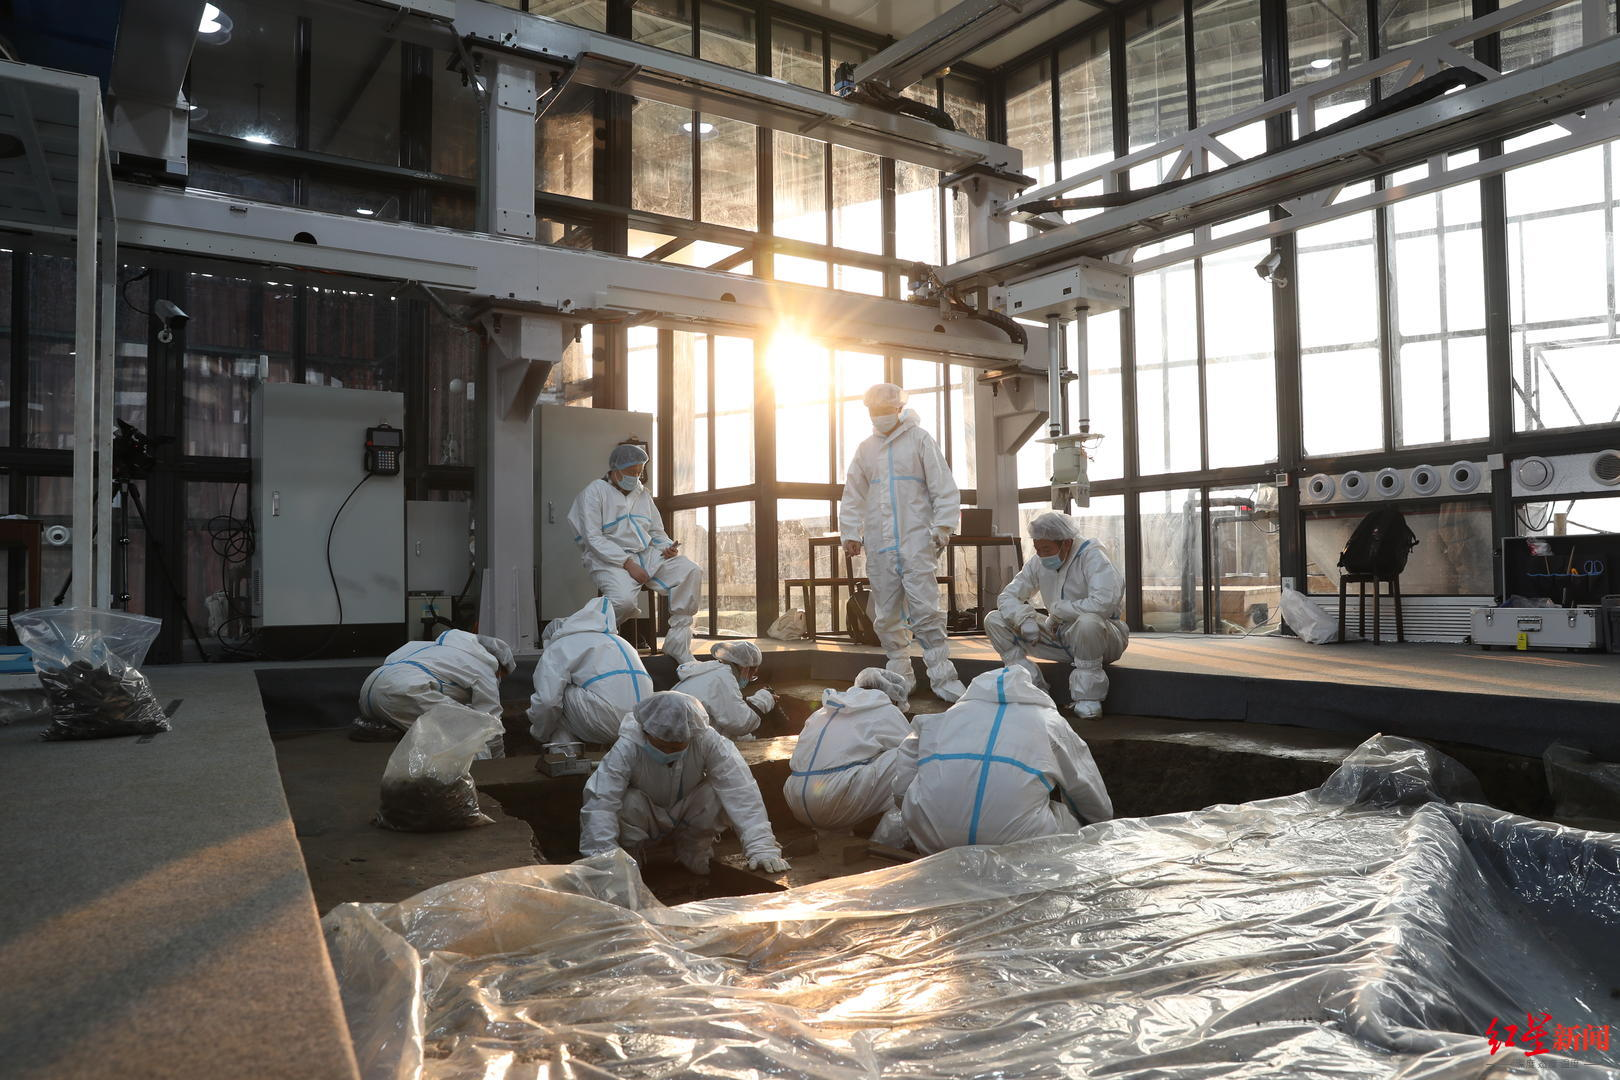 三星堆遗址土壤中发现蚕丝蛋白 揭秘考古现场的文物保护实验室图片